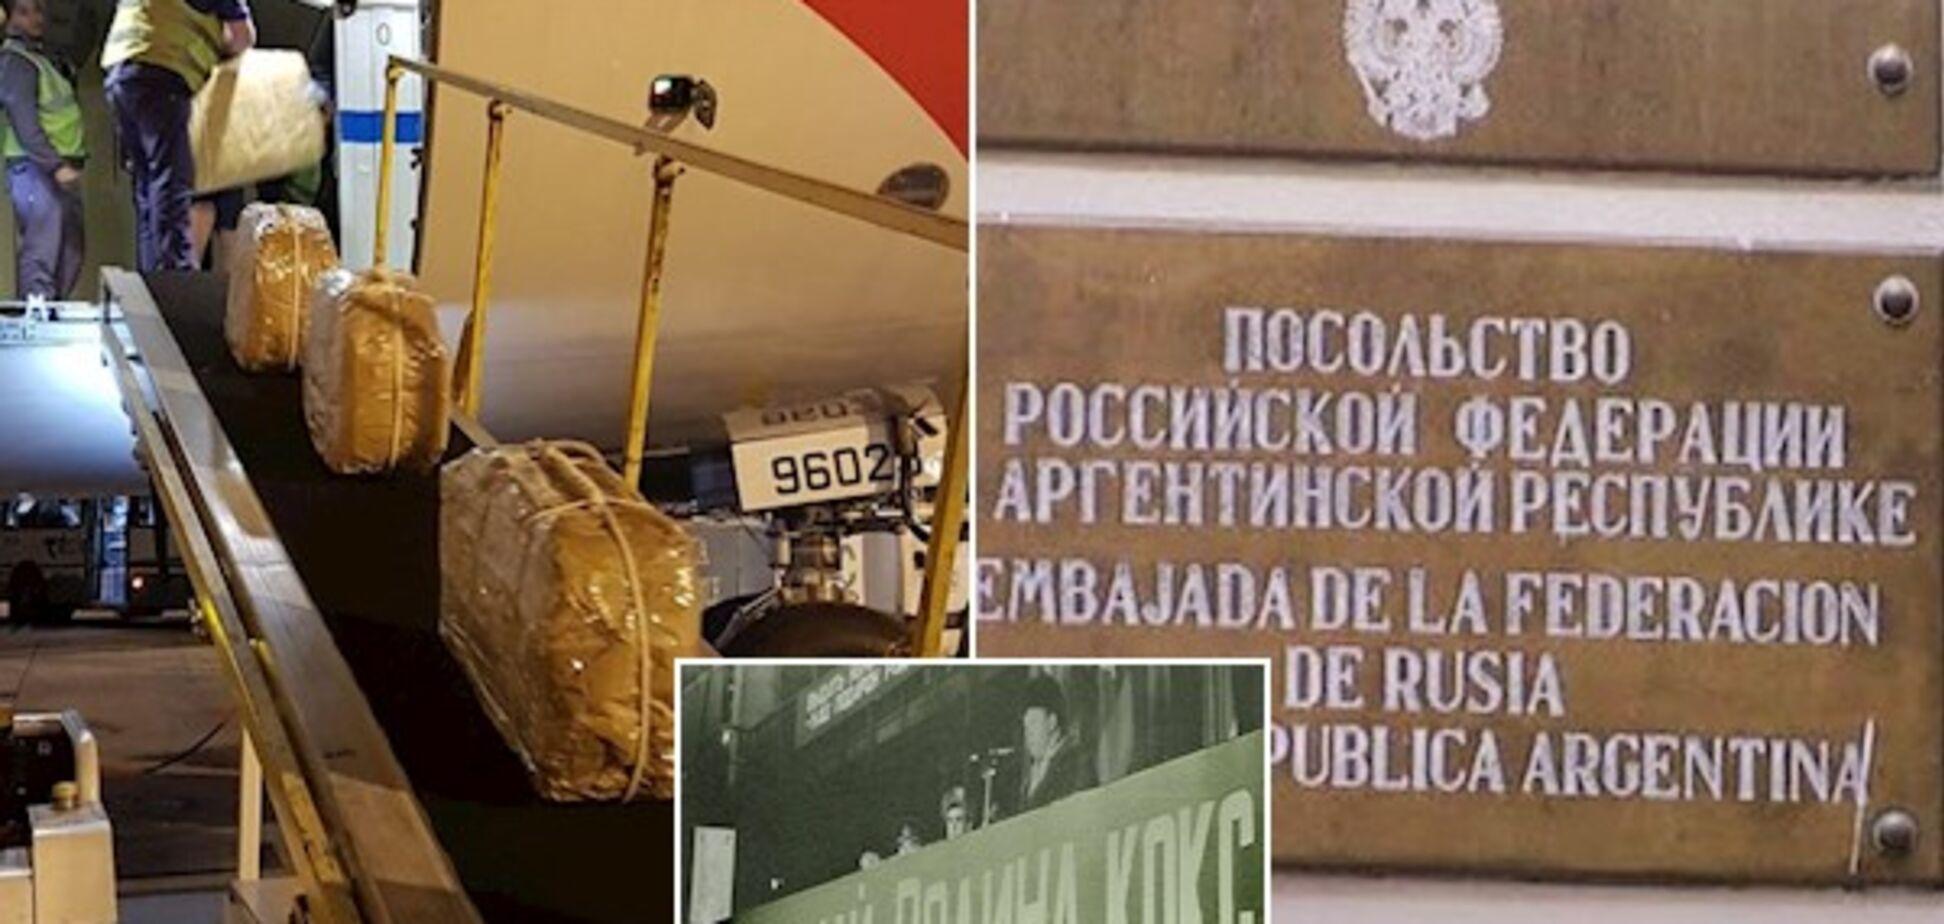 Кокаїновий скандал із РФ: міжнародник вказав на 'дикість' росіян